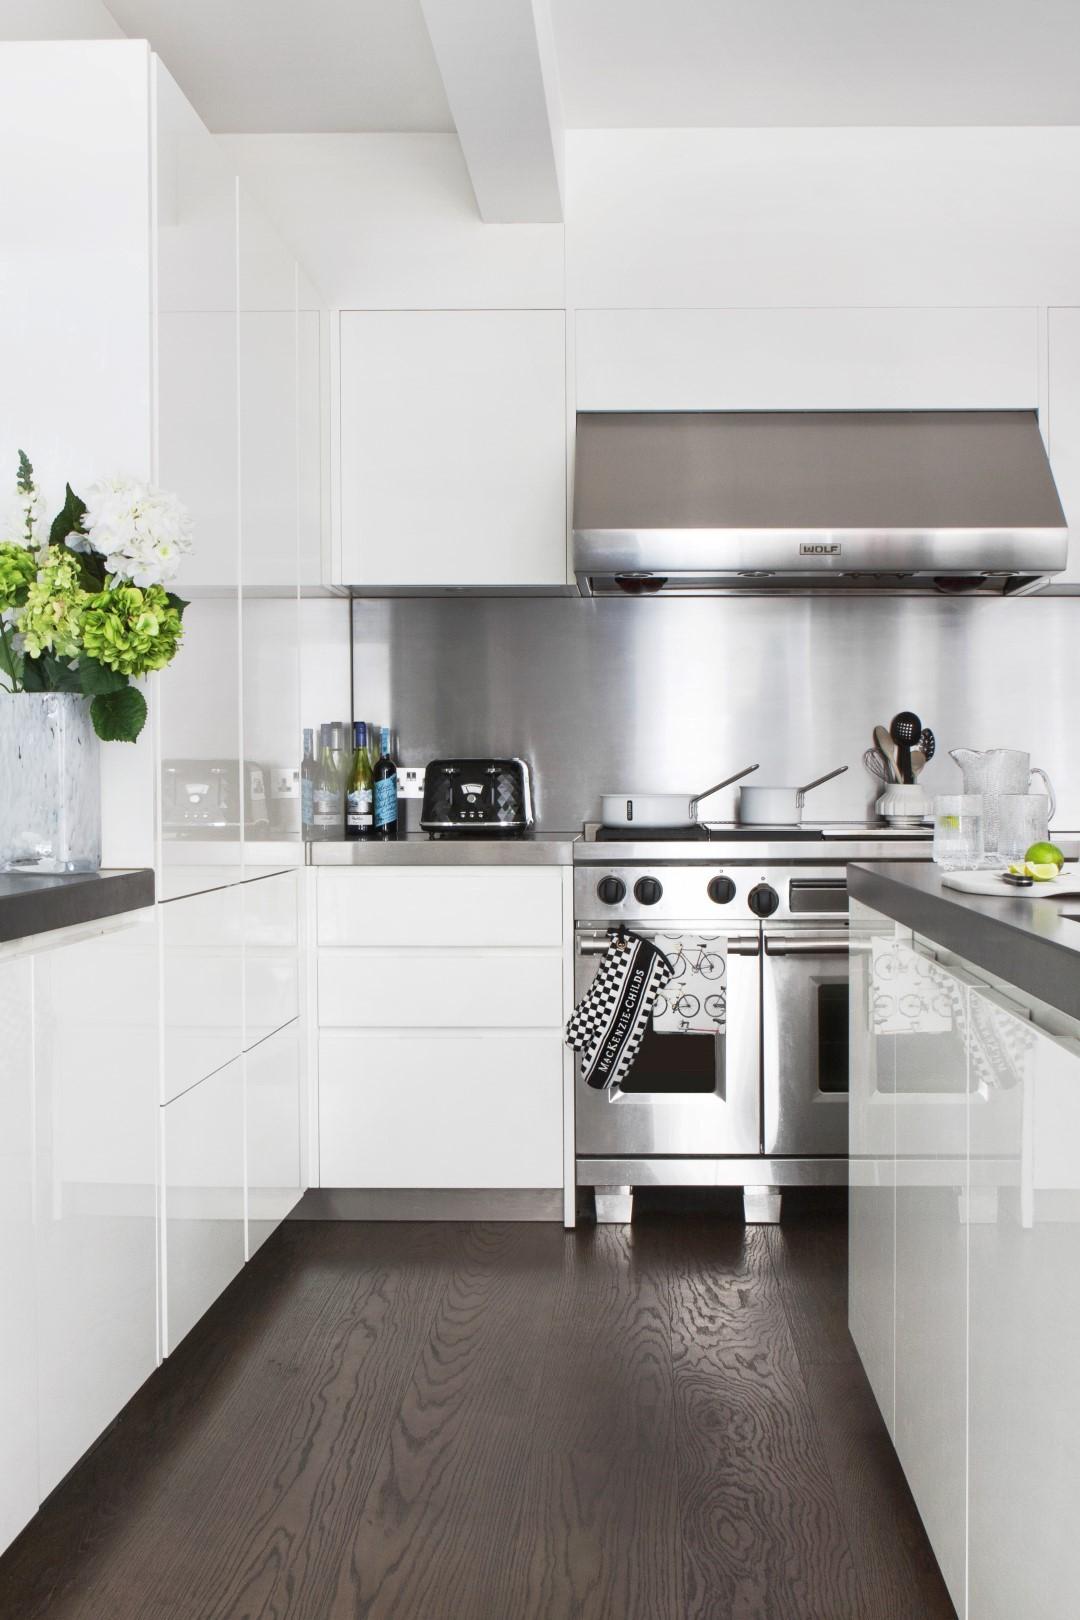 Phong cách thiết kế nội thất Tối giản - ảnh 2